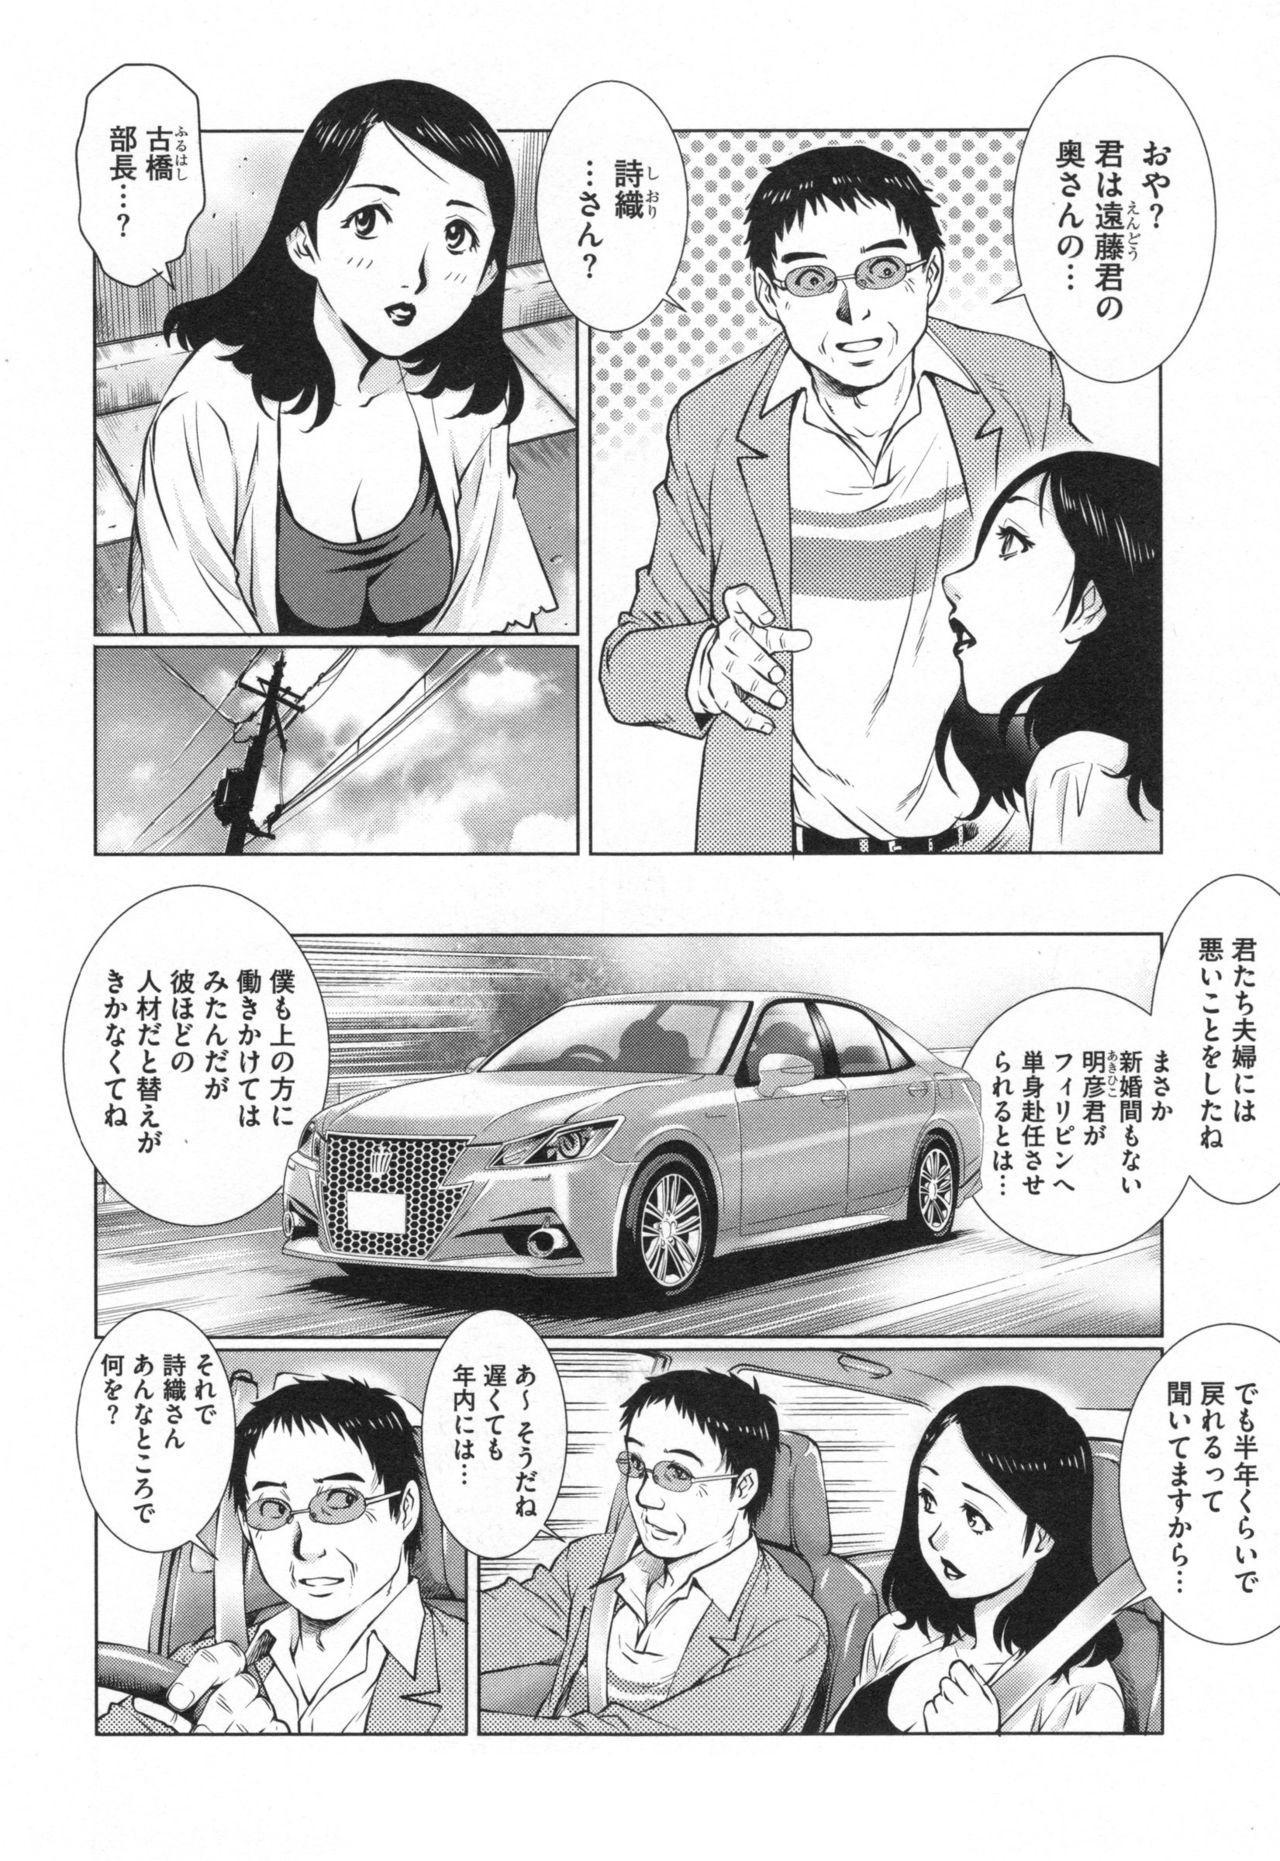 Netorare Aiganzuma 54